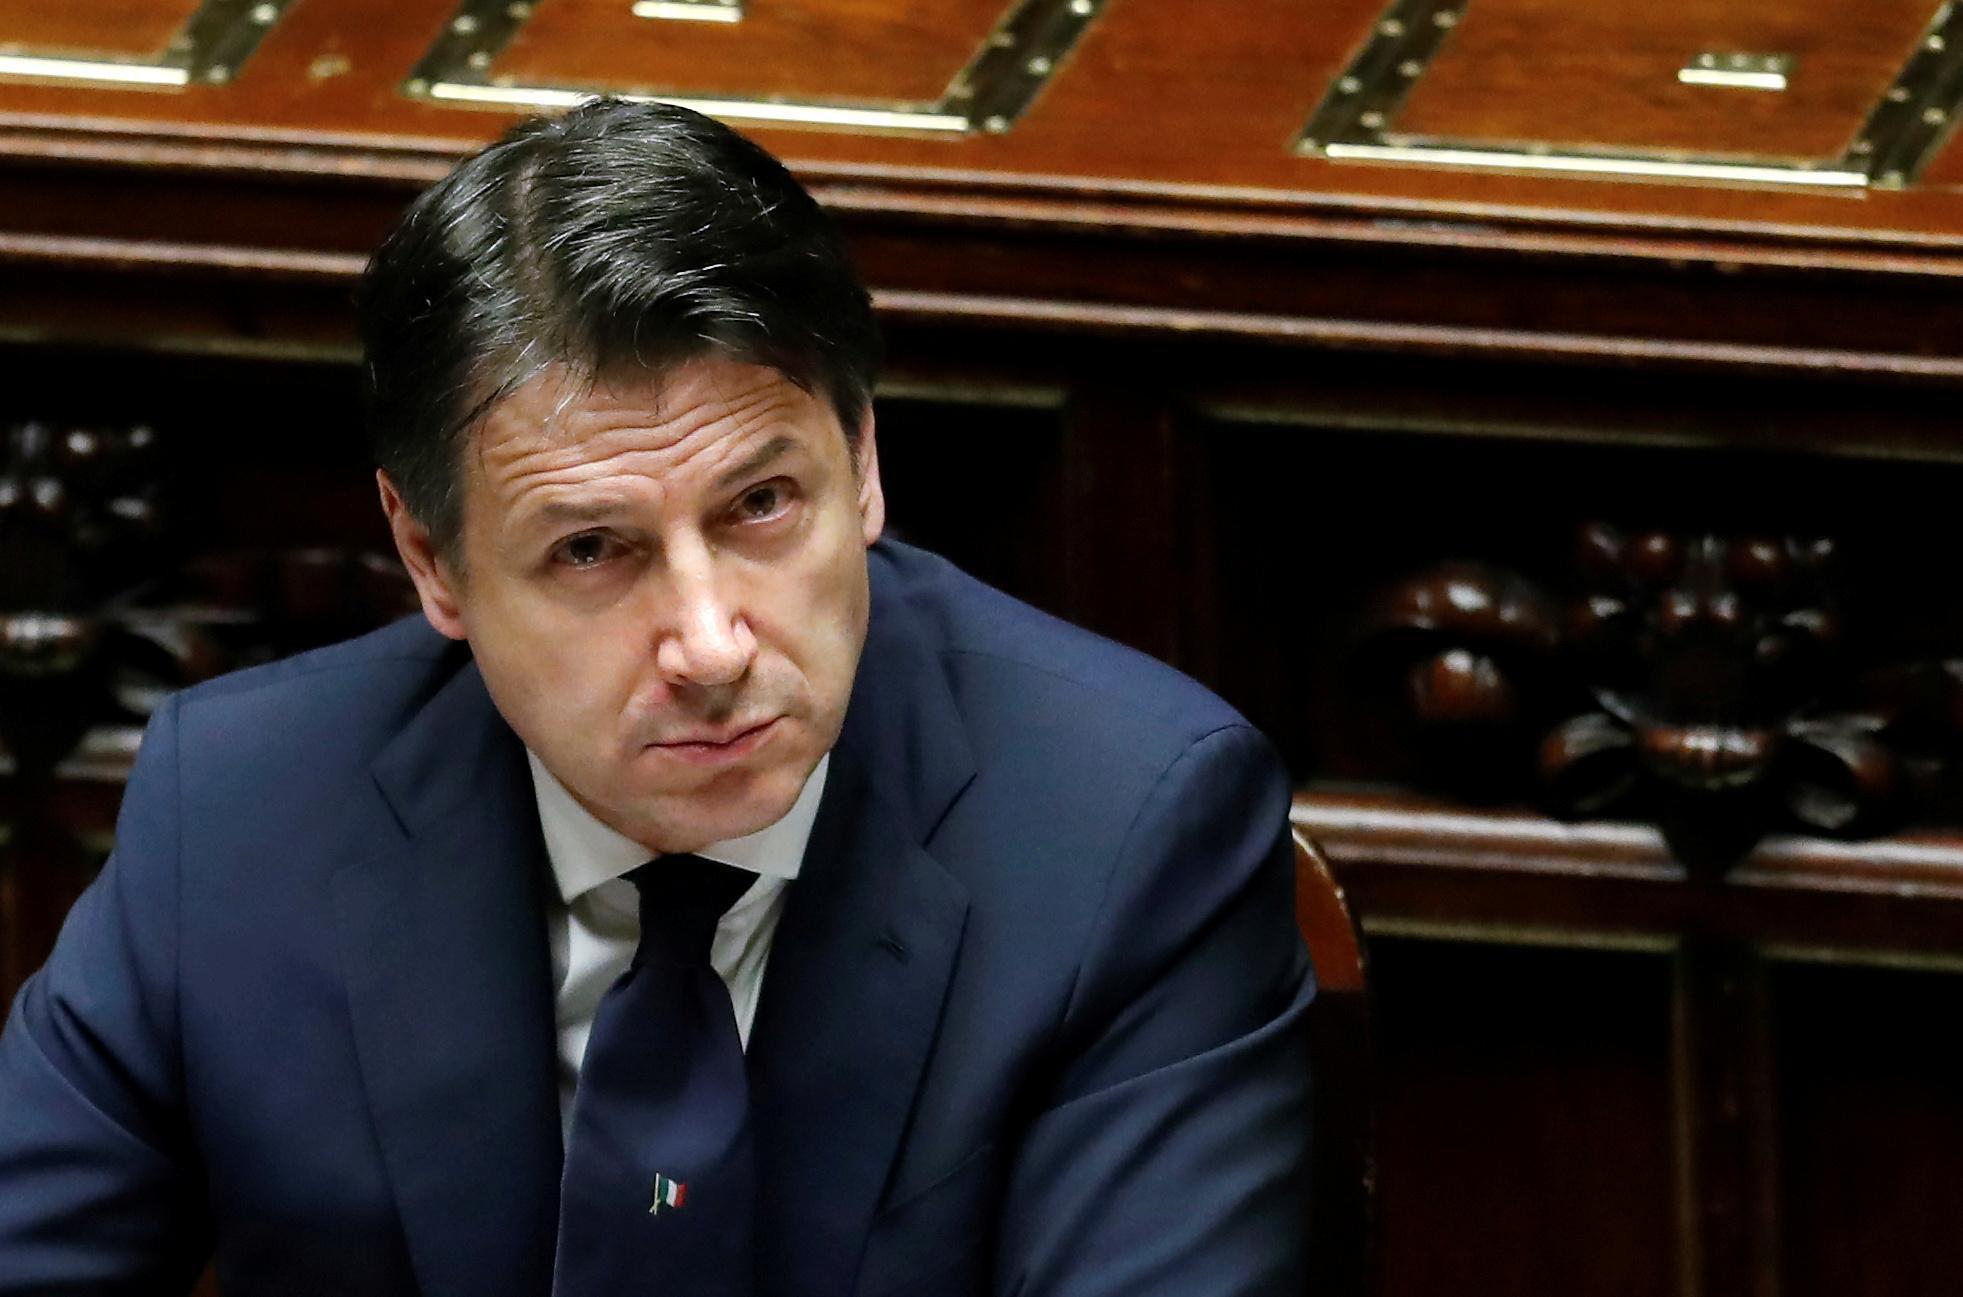 伊、5月4日から経済活動再開へ 首相が表明、原則外出禁止は延長(共同通信)